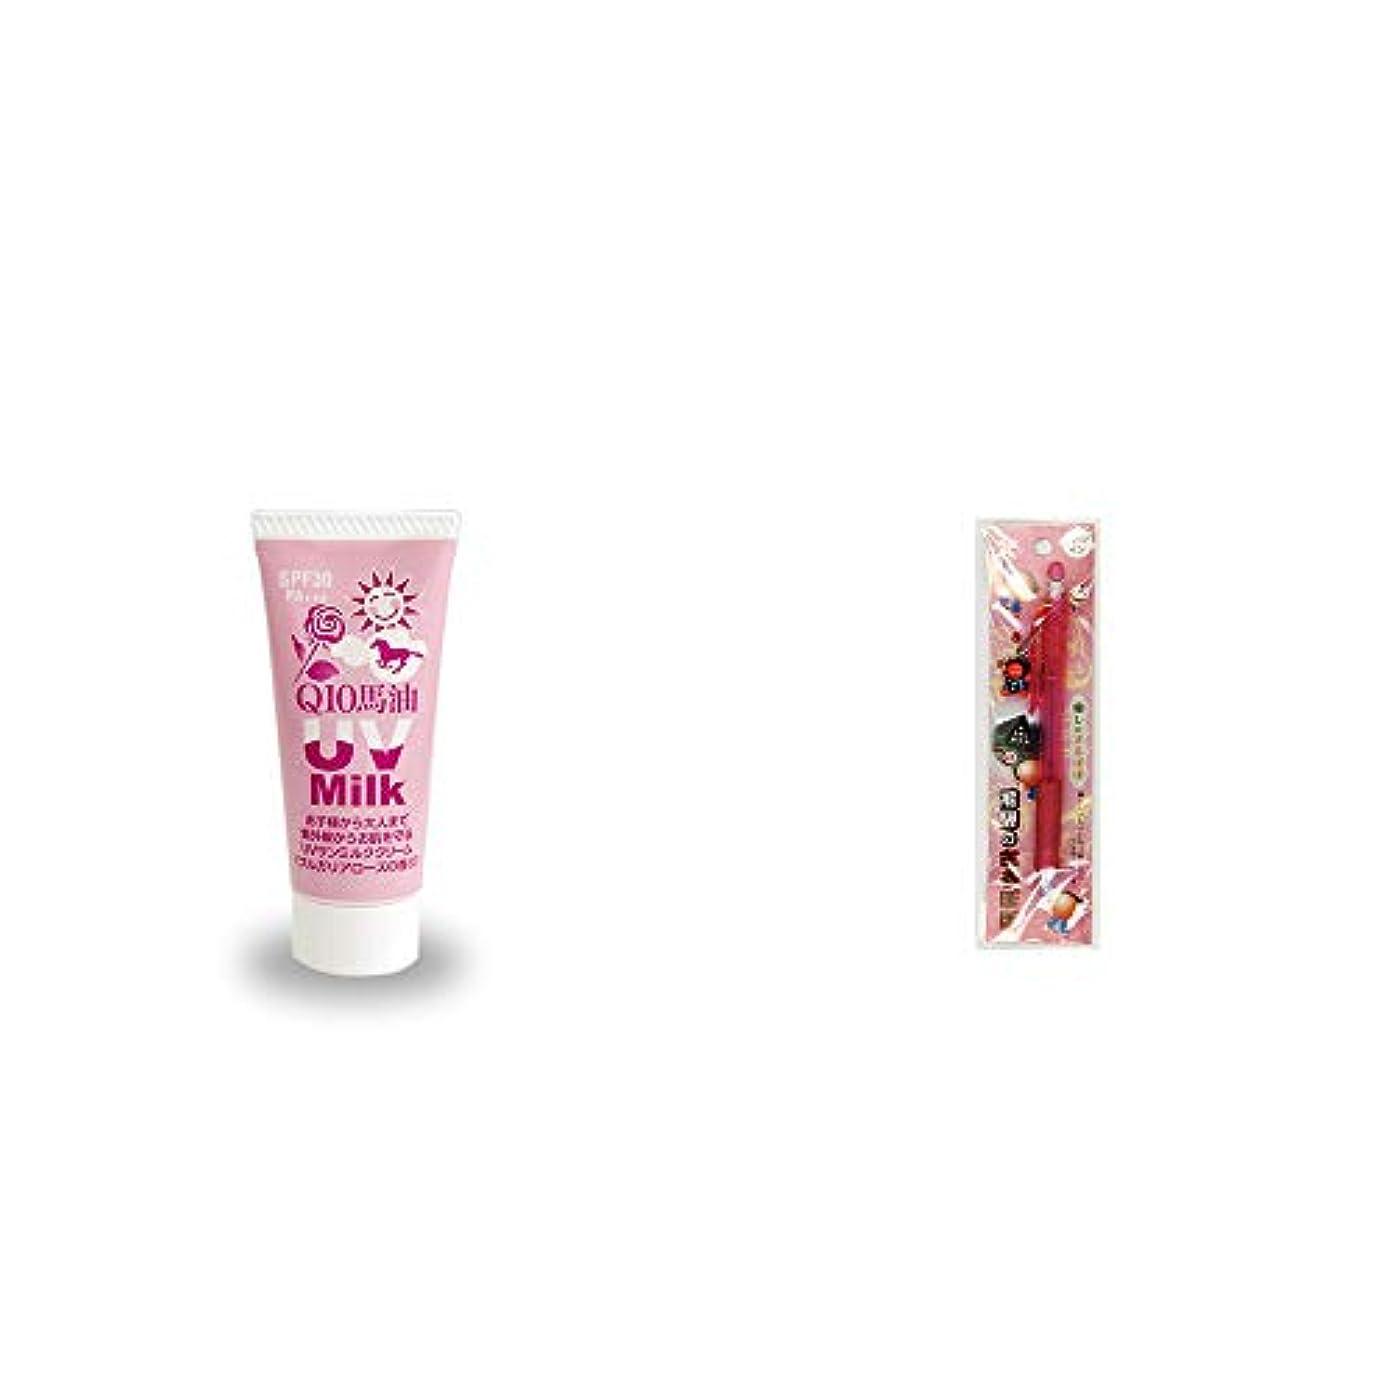 適応するグリルますます[2点セット] 炭黒泉 Q10馬油 UVサンミルク[ブルガリアローズ](40g)?さるぼぼ 癒しシャープペン 【ピンク】